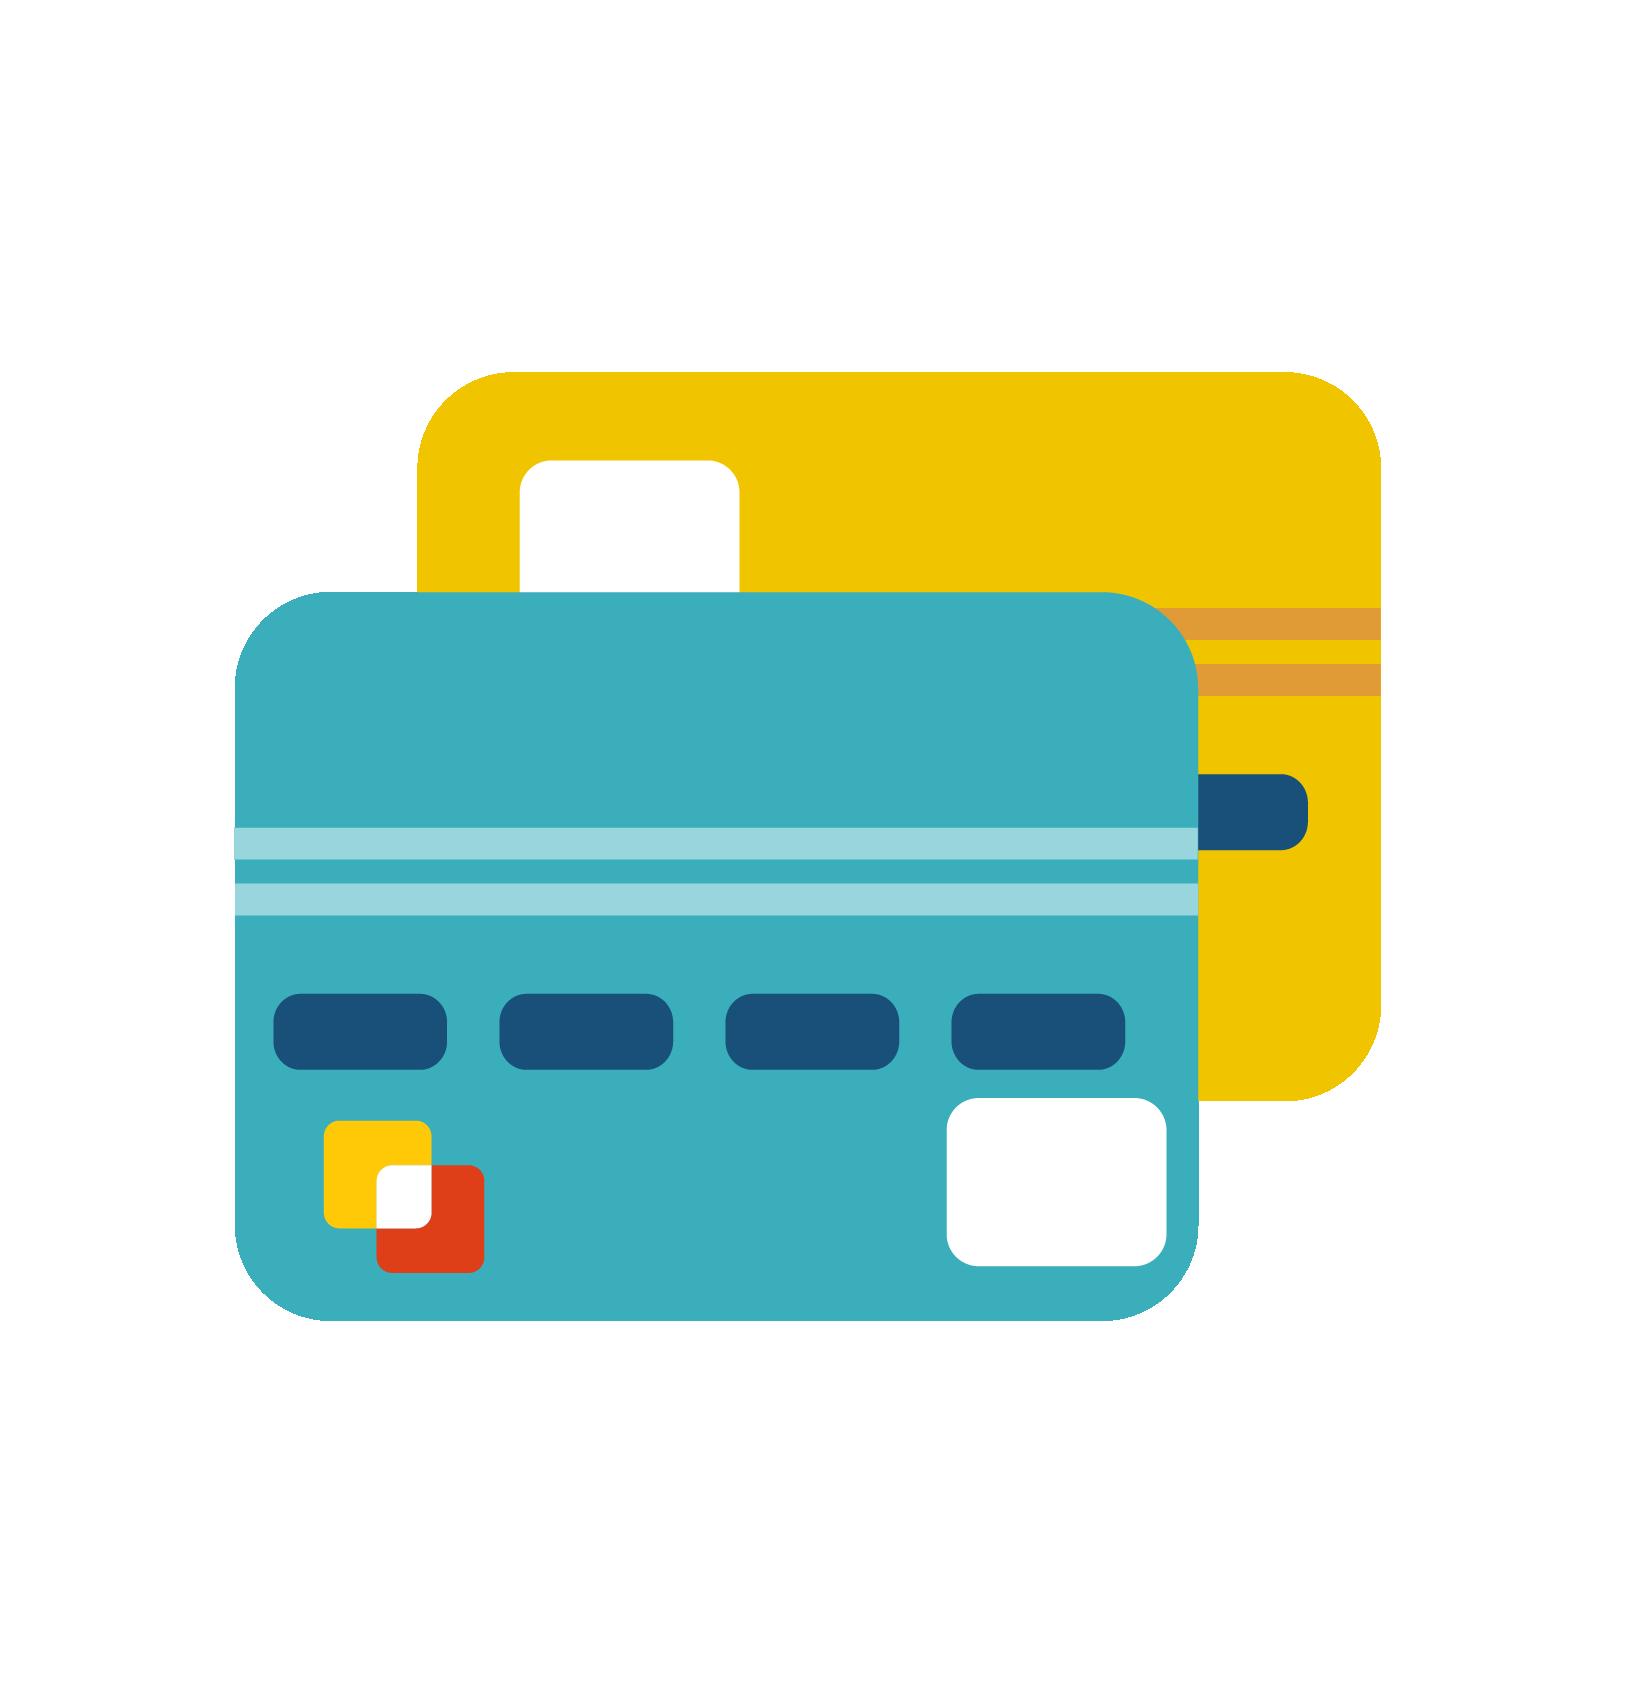 Credit Card Rewards Star Ratings 2016